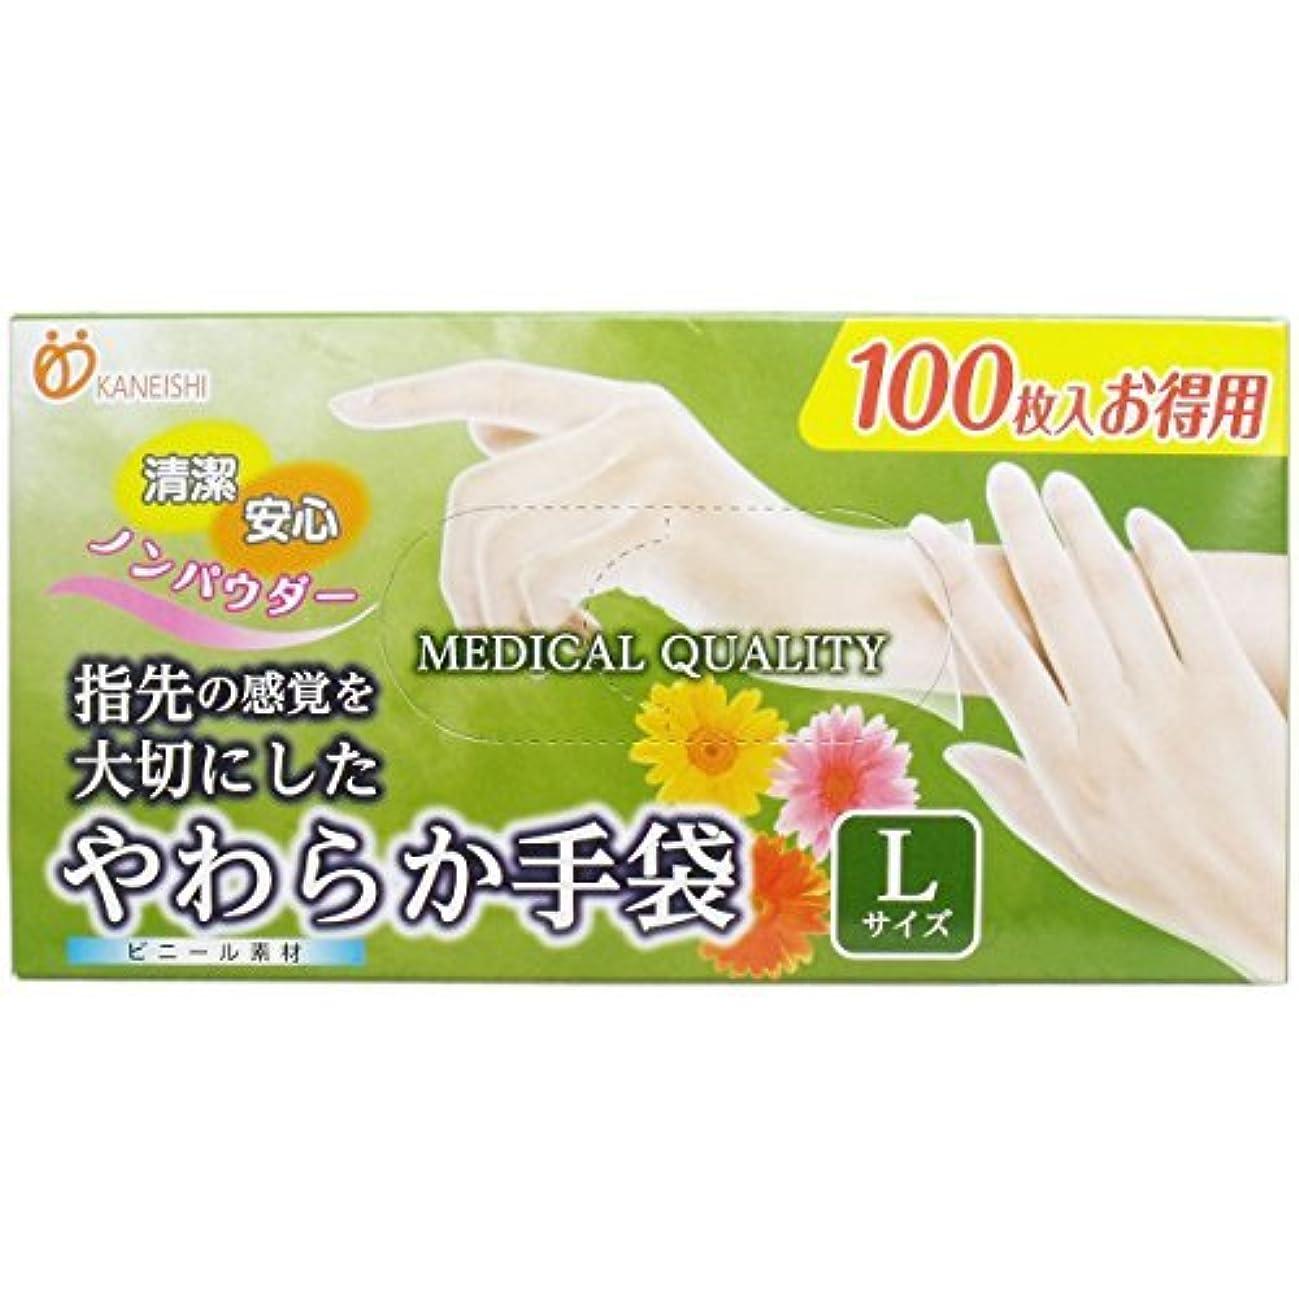 顔料フレット読み書きのできないやわらか手袋 ビニール素材 Lサイズ 100枚入x7